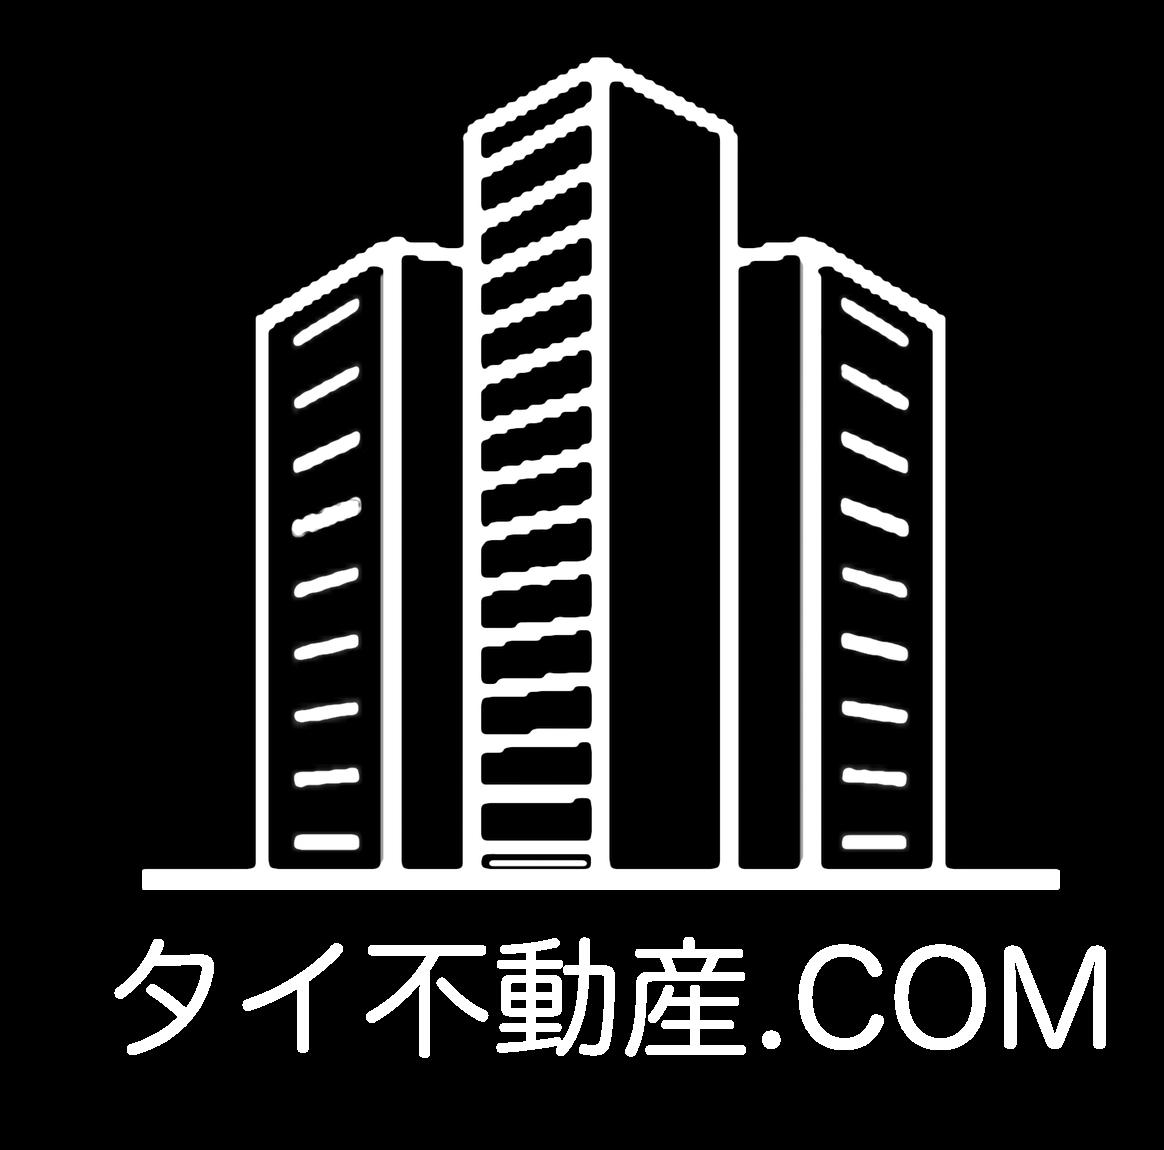 【タイ不動産.com】コンドミニアム・マンション・アパート情報